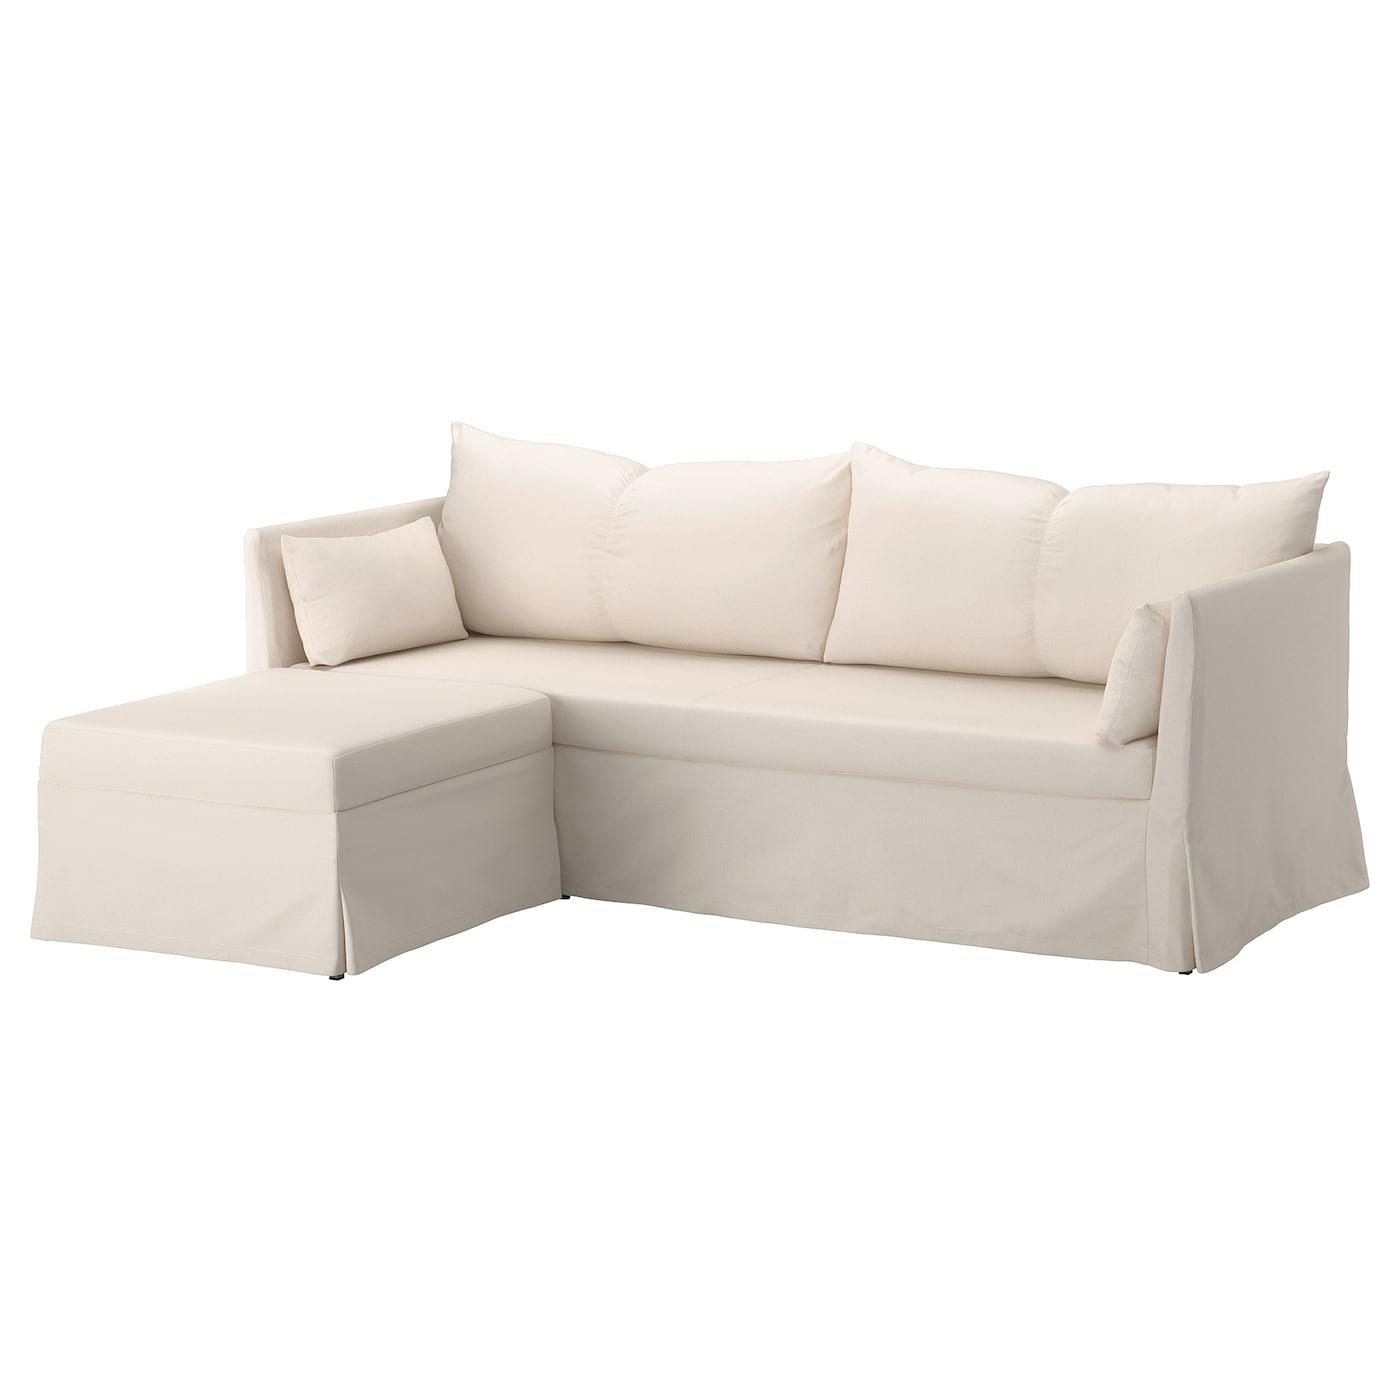 ikea corner sofas ikea ireland dublin